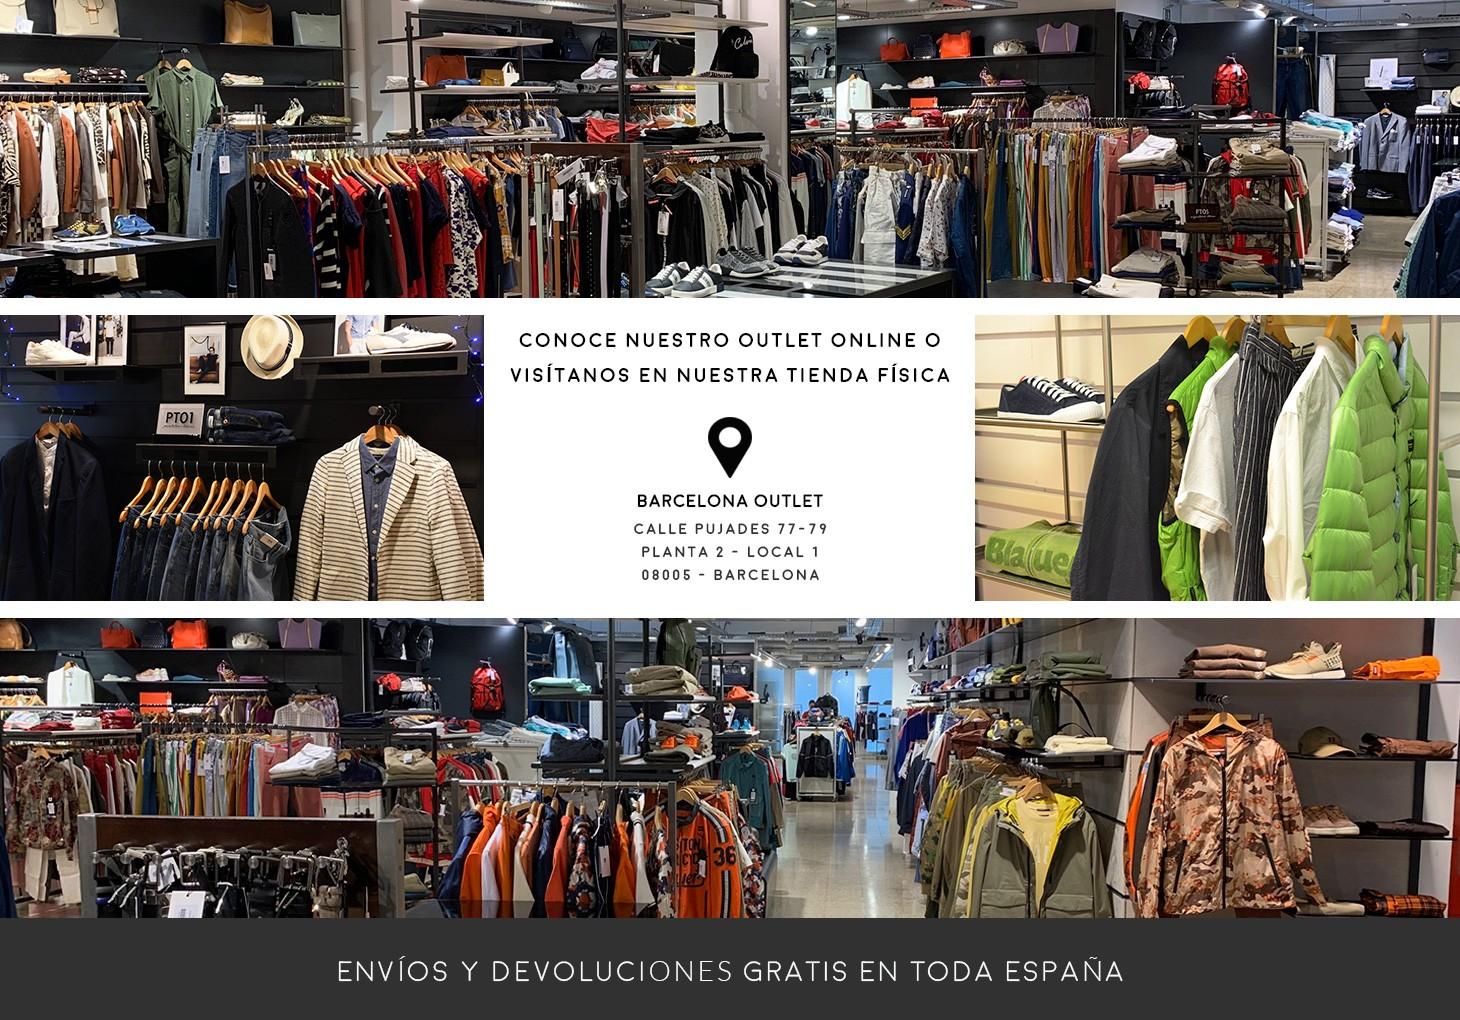 Barcelona Outlet - Nuestra tienda física